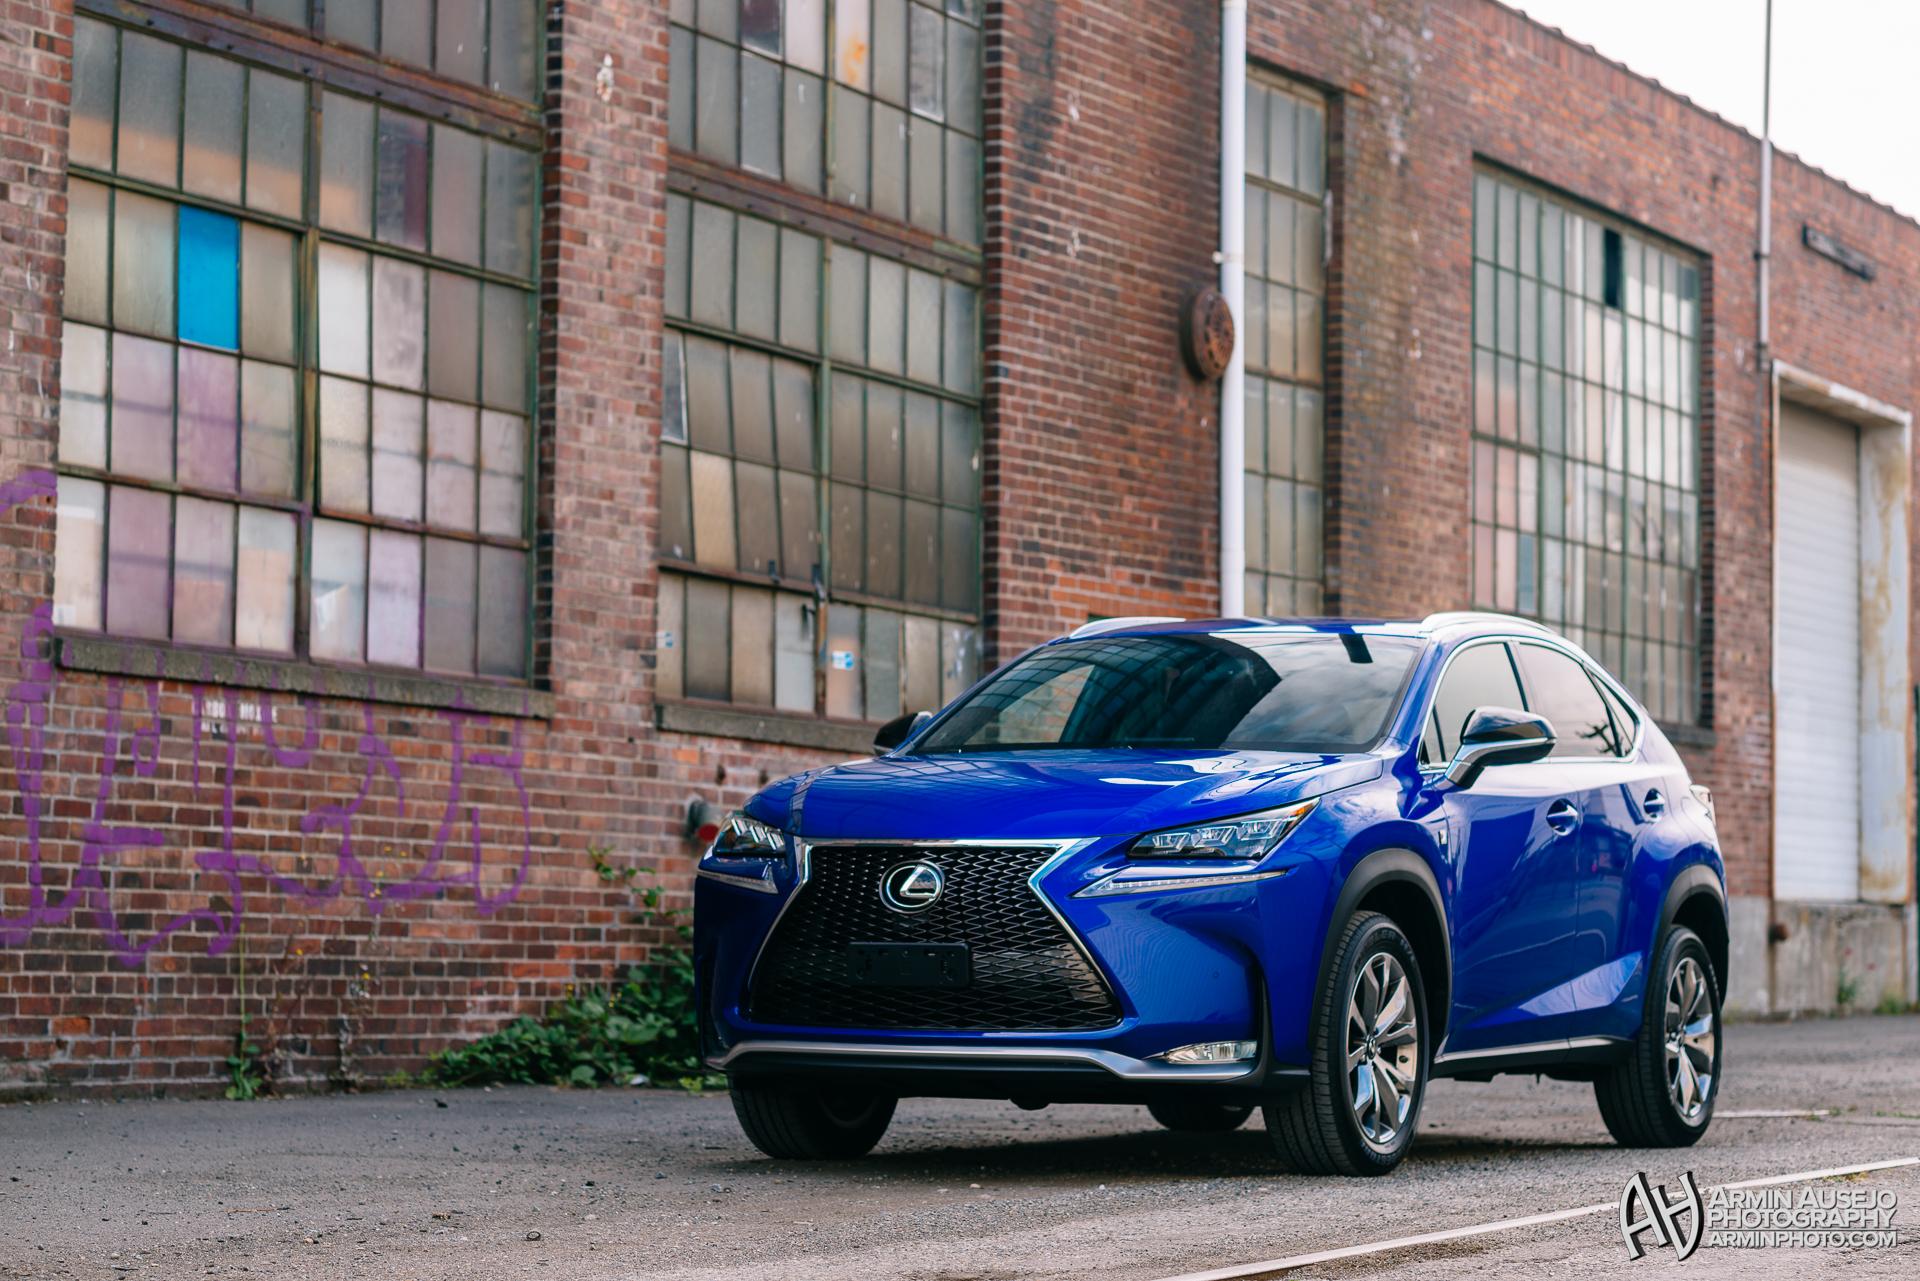 Lexus NX F-Sport in Ultrasonic Blue Mica